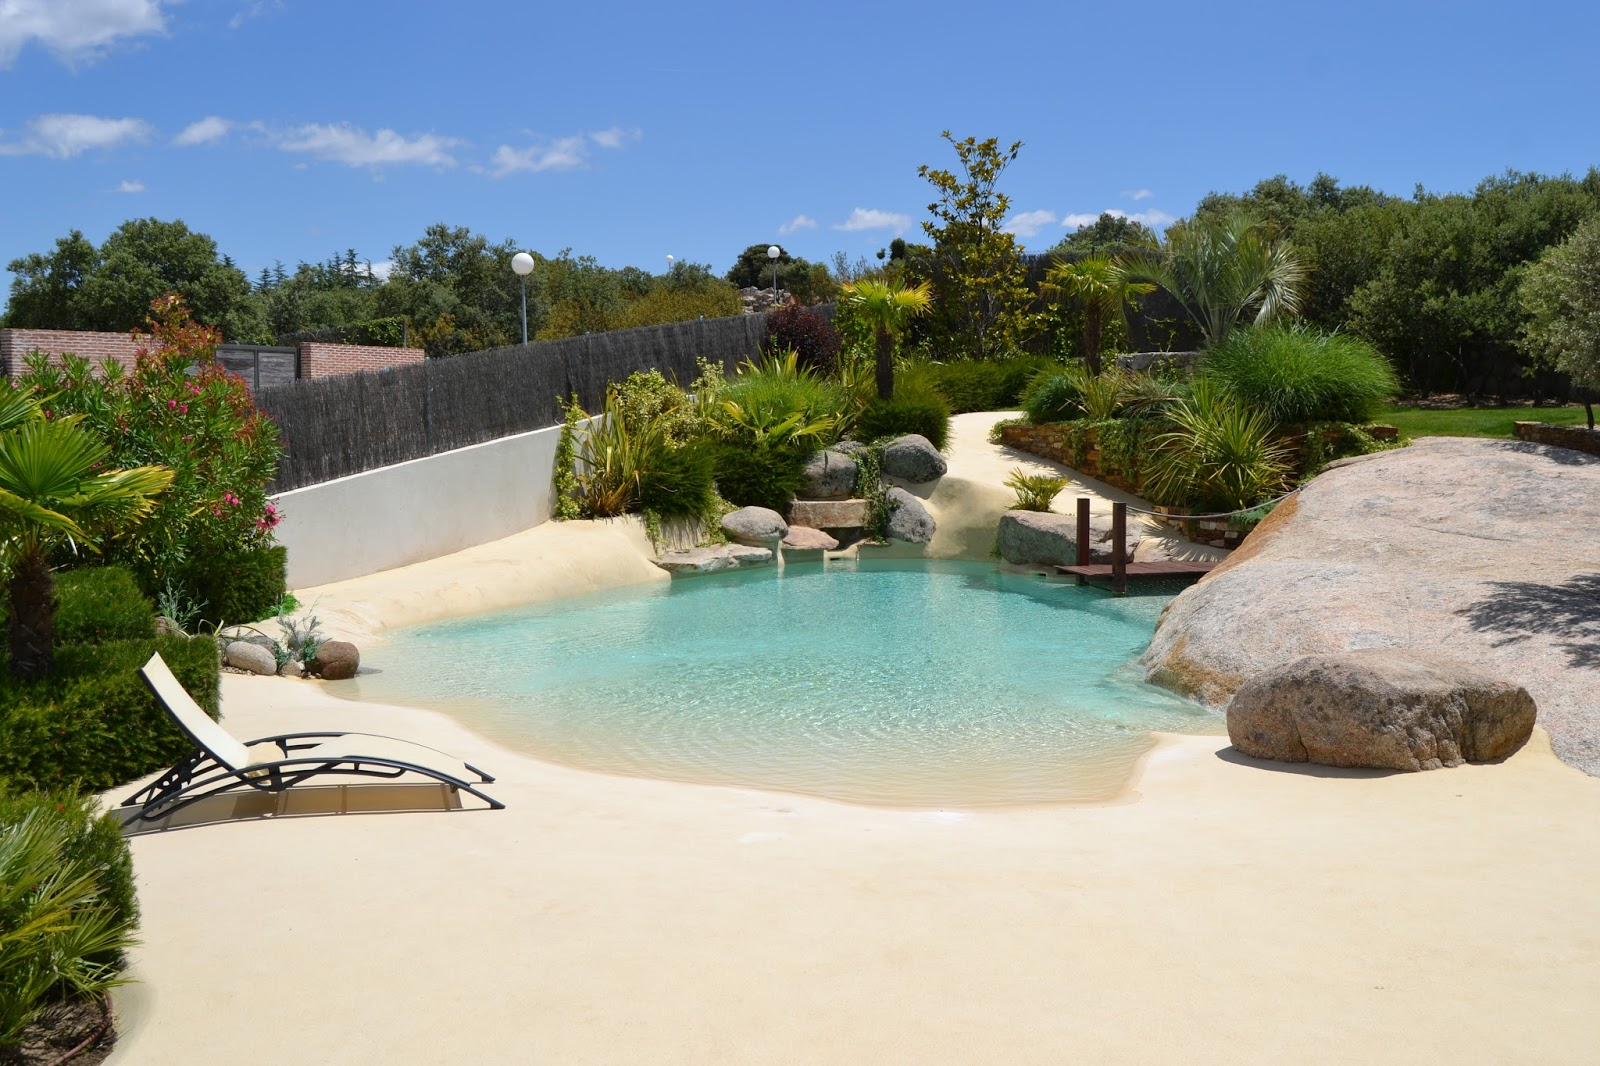 Rw paisagismo tend ncia piscinas 39 quase 39 naturais for Mar villa modelo